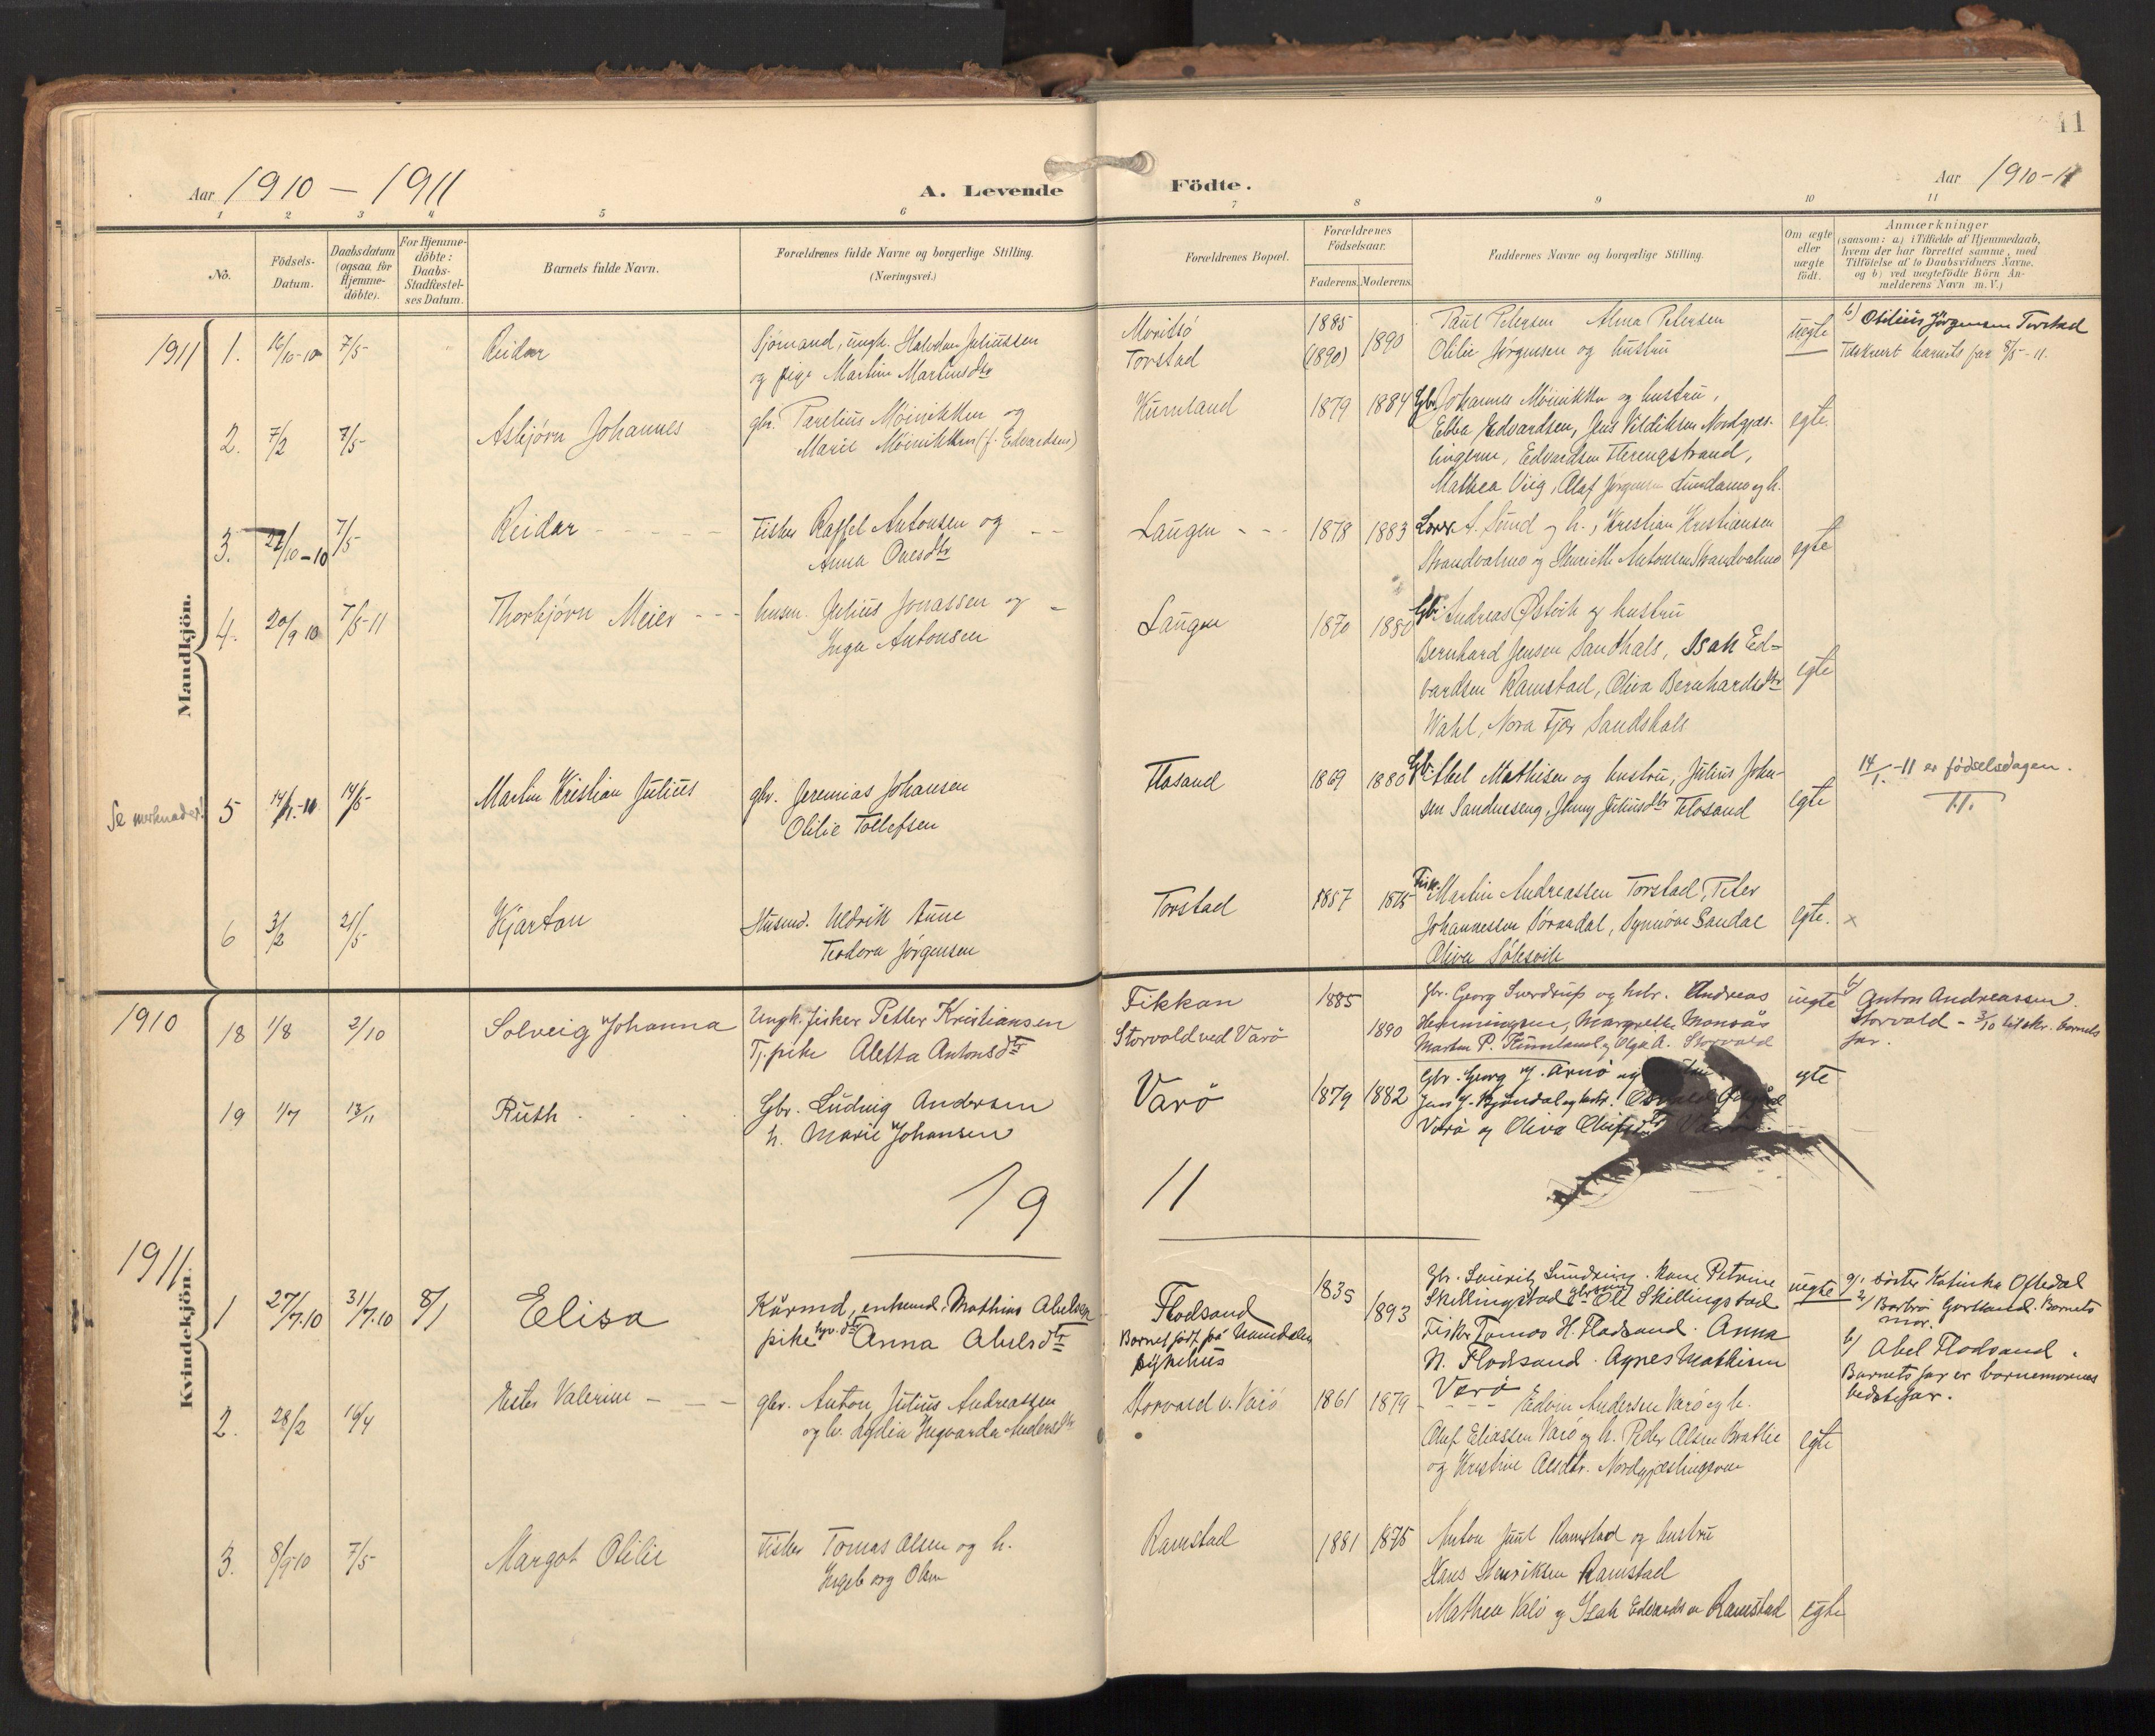 SAT, Ministerialprotokoller, klokkerbøker og fødselsregistre - Nord-Trøndelag, 784/L0677: Ministerialbok nr. 784A12, 1900-1920, s. 41